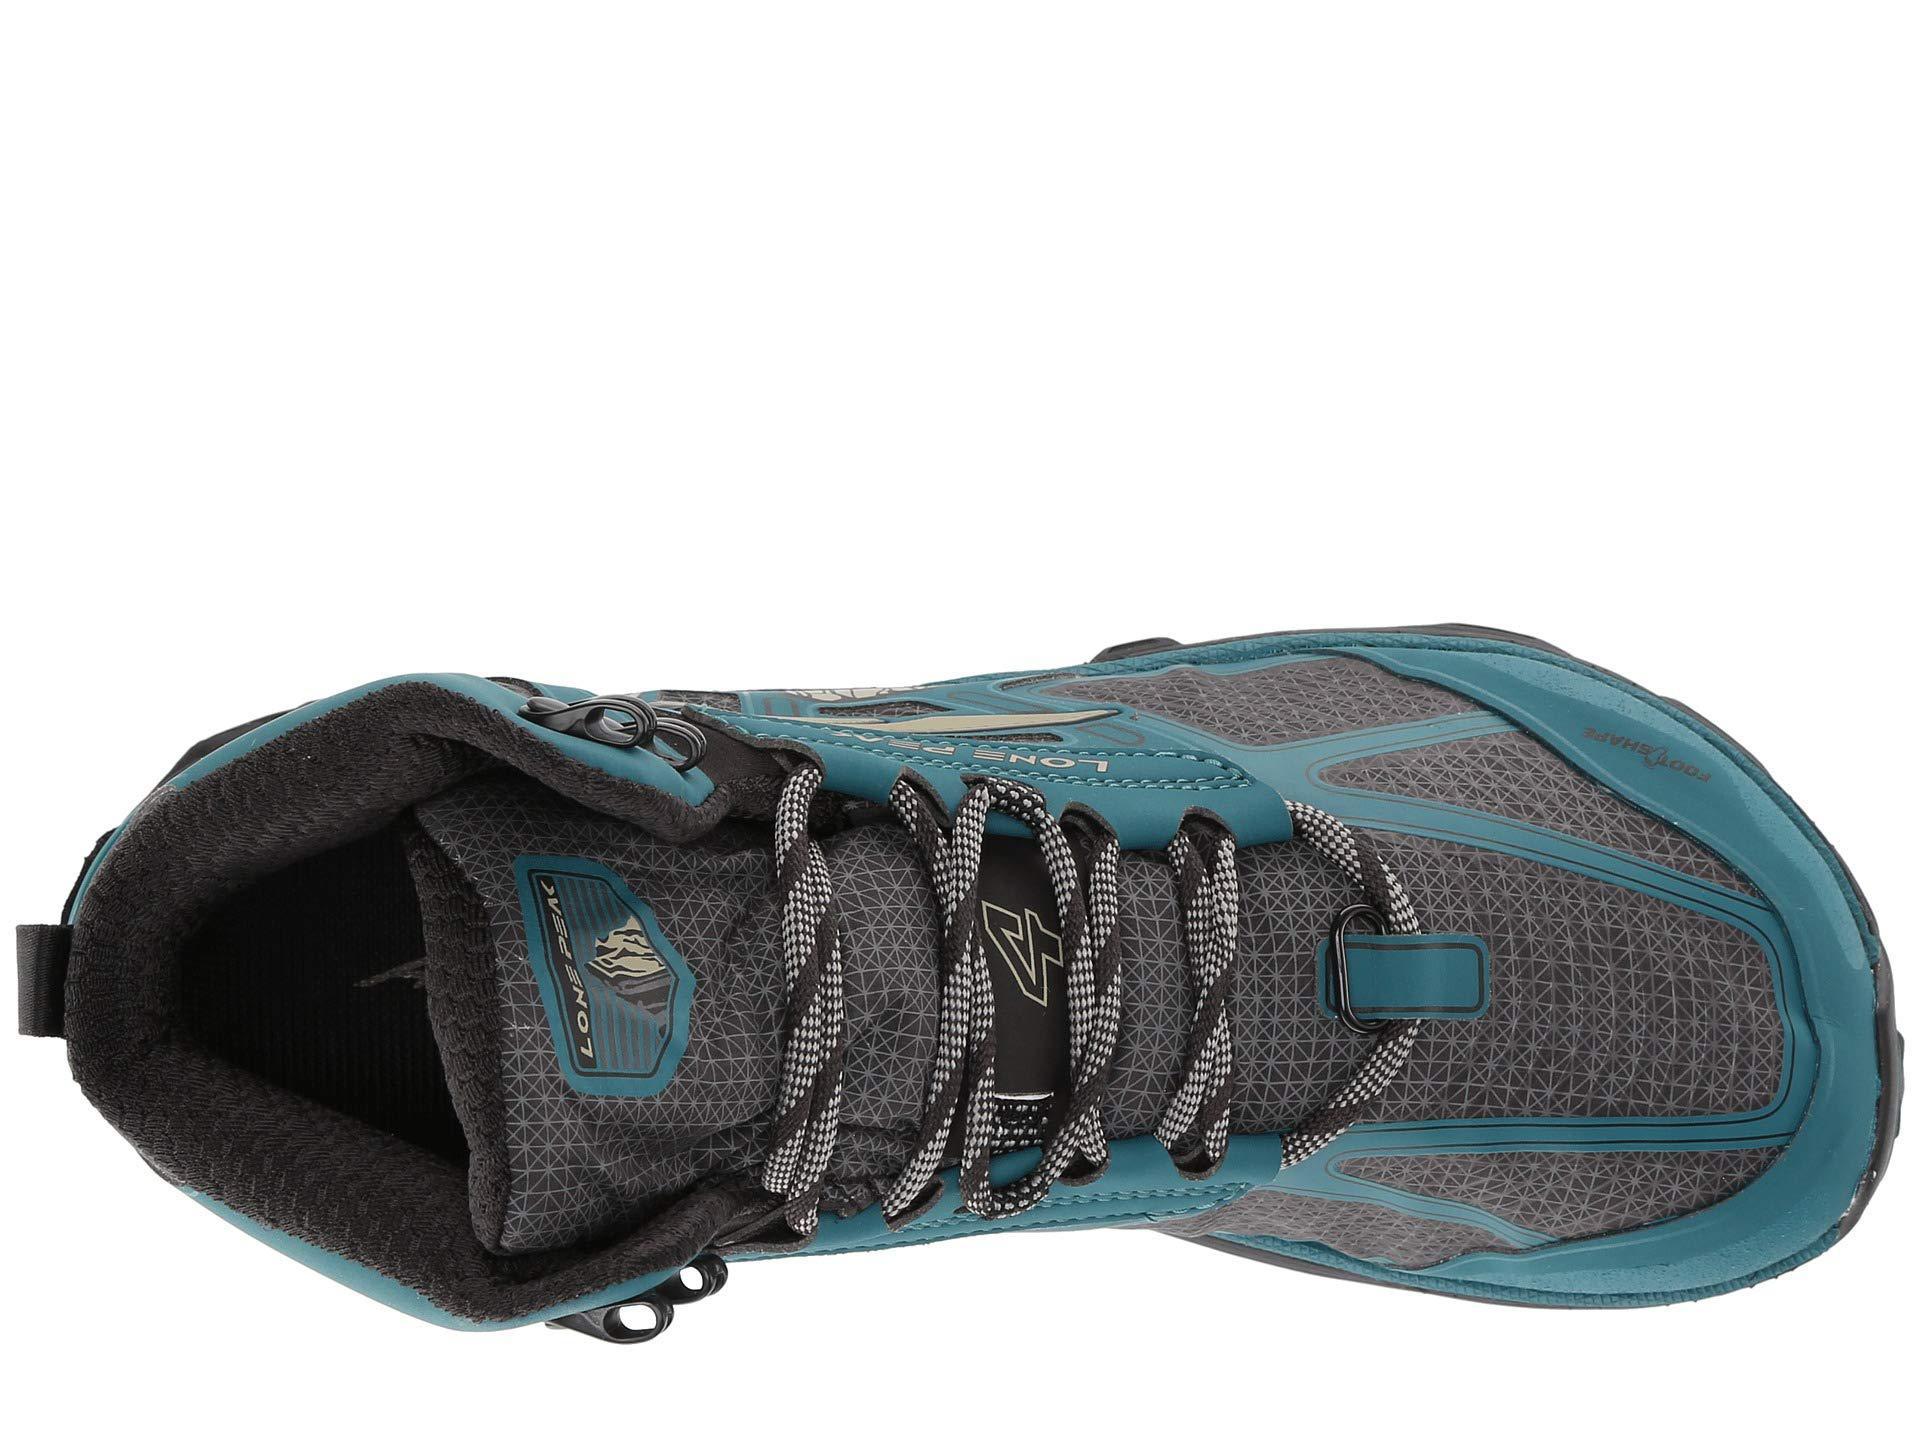 Altra - Lone Peak 4 Mid Rsm (gray purple) Women s Shoes - Lyst. View  fullscreen b5a819f5d88